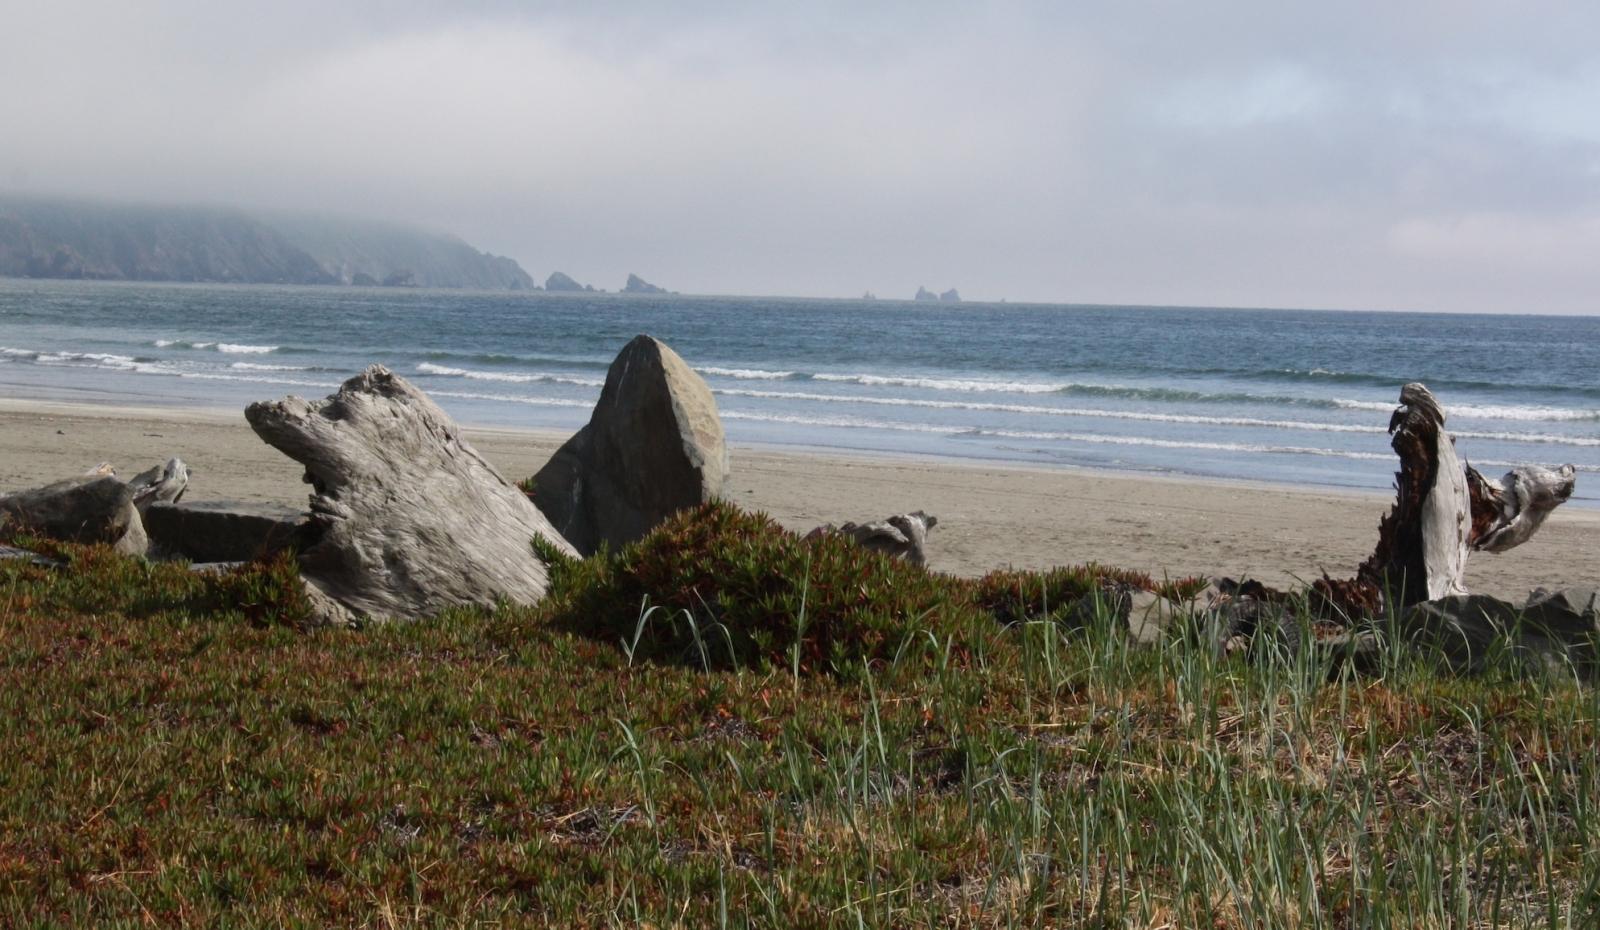 driftwood on grass next to misty ocean